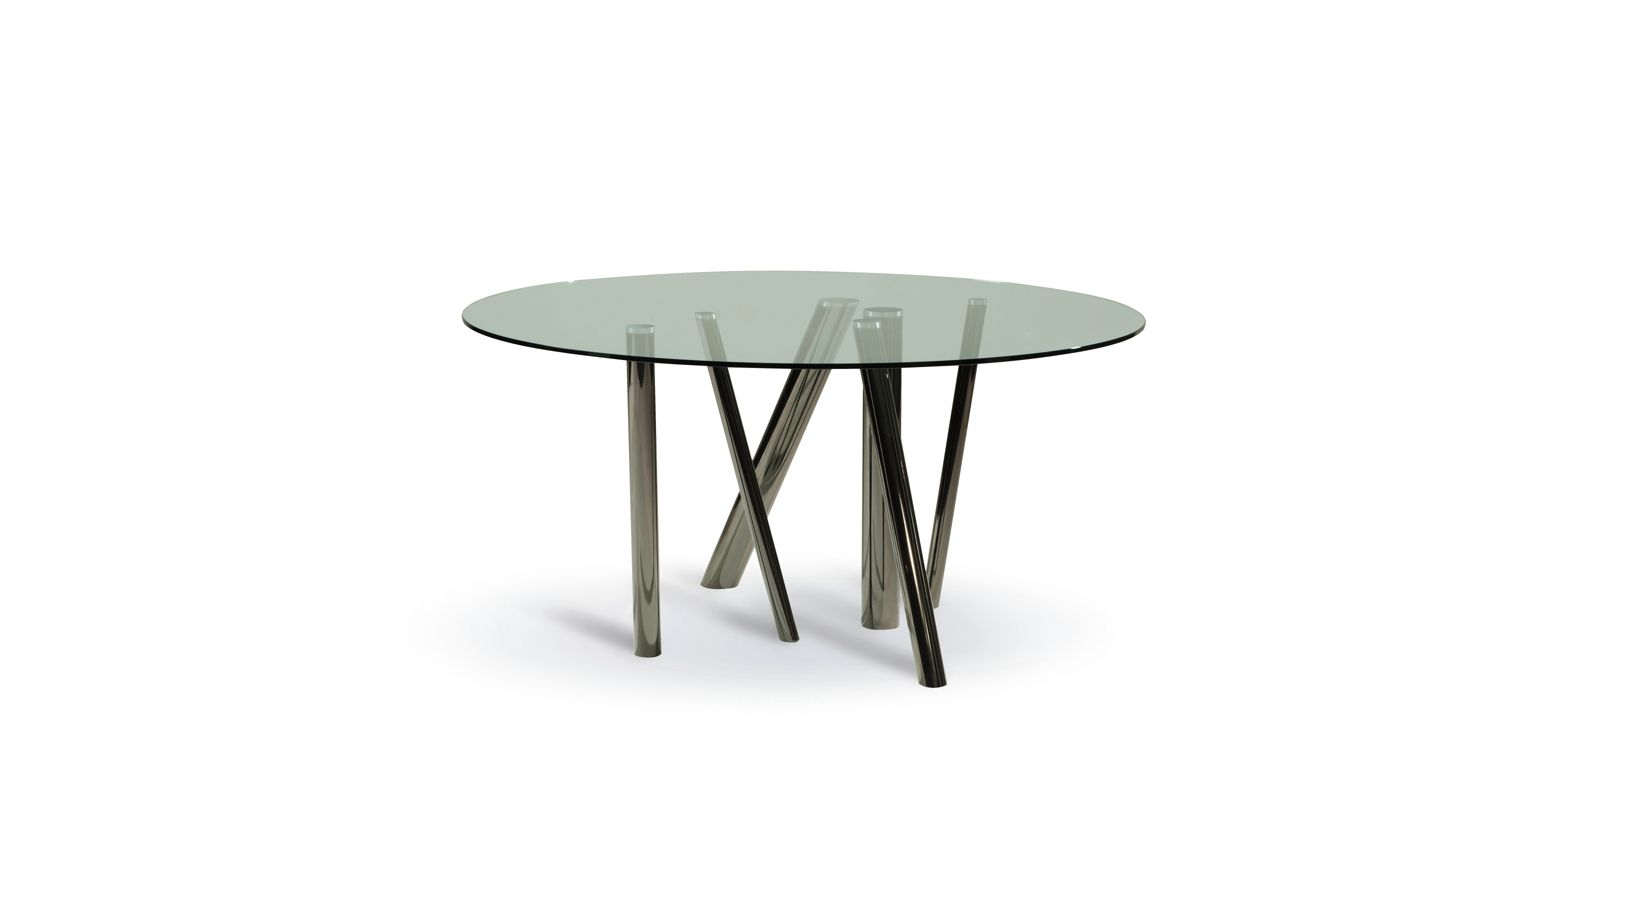 Forest table de repas roche bobois - Table repas roche bobois ...